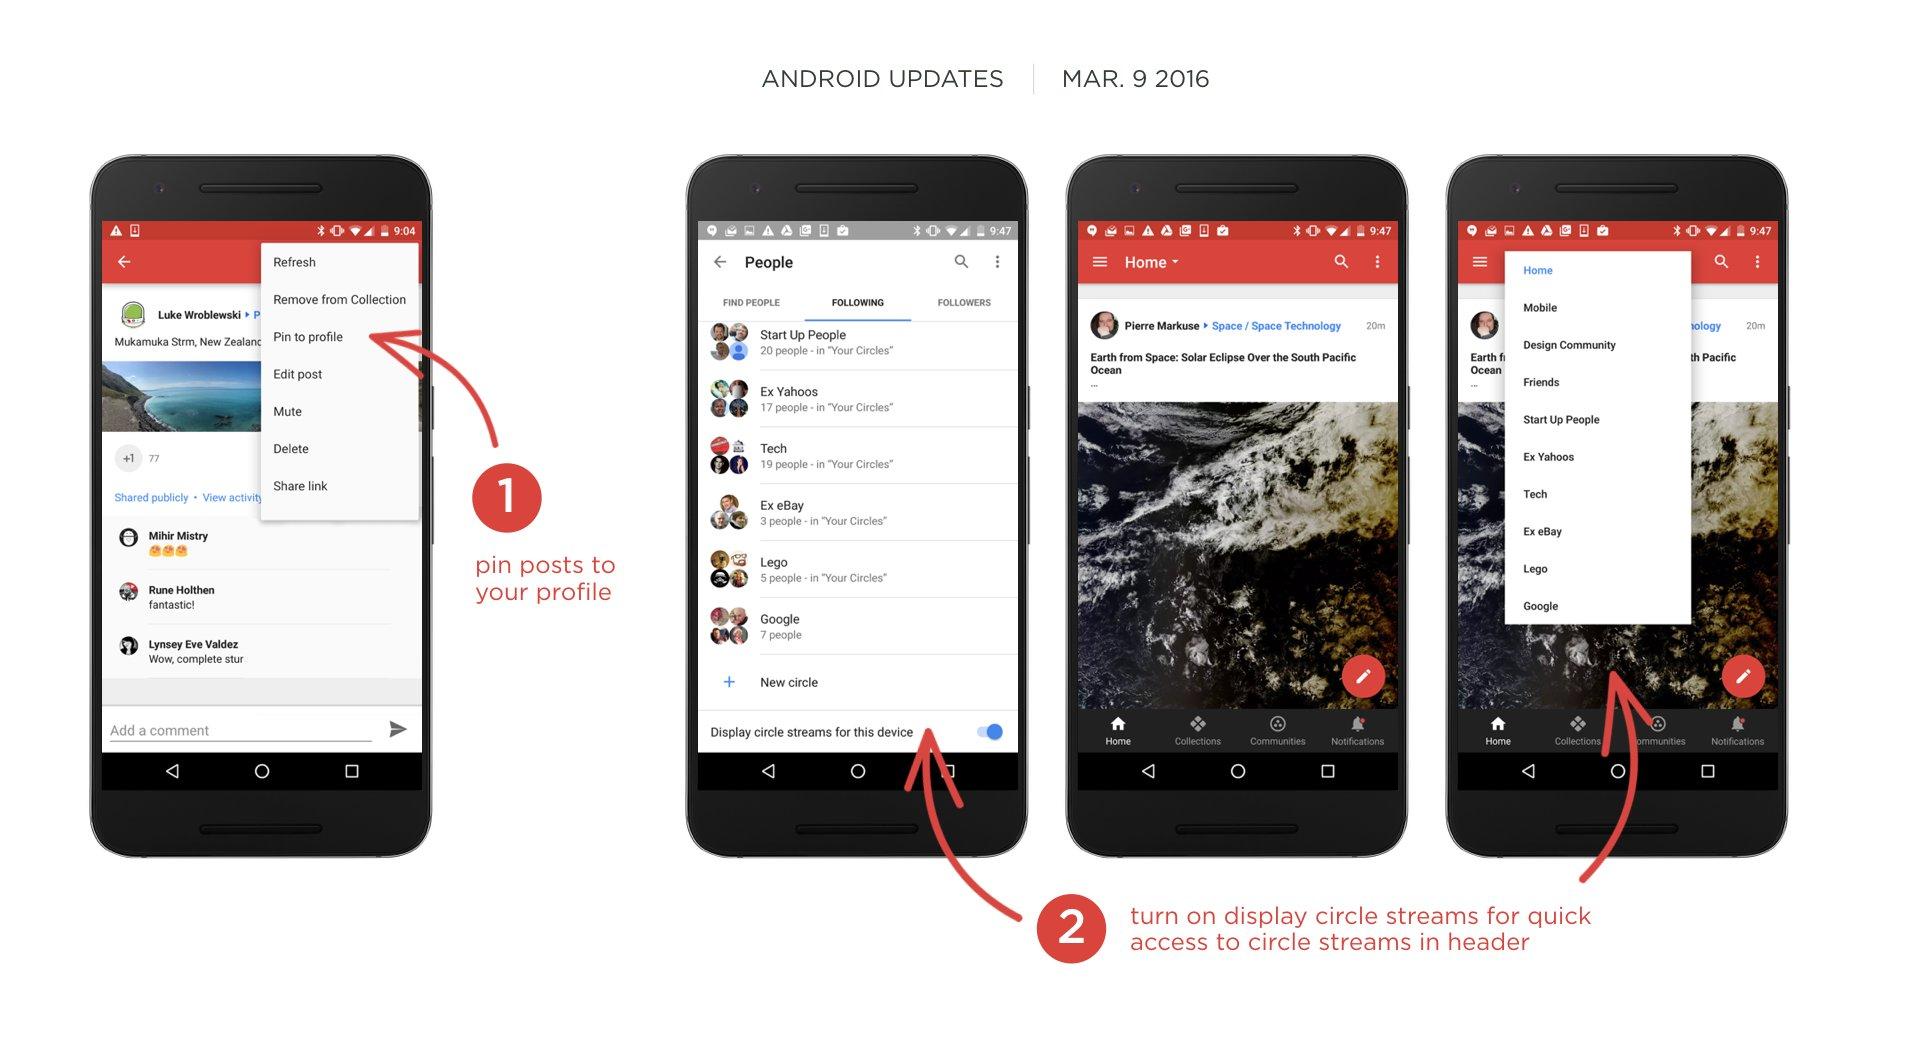 Anpinnfunktion bei Google+